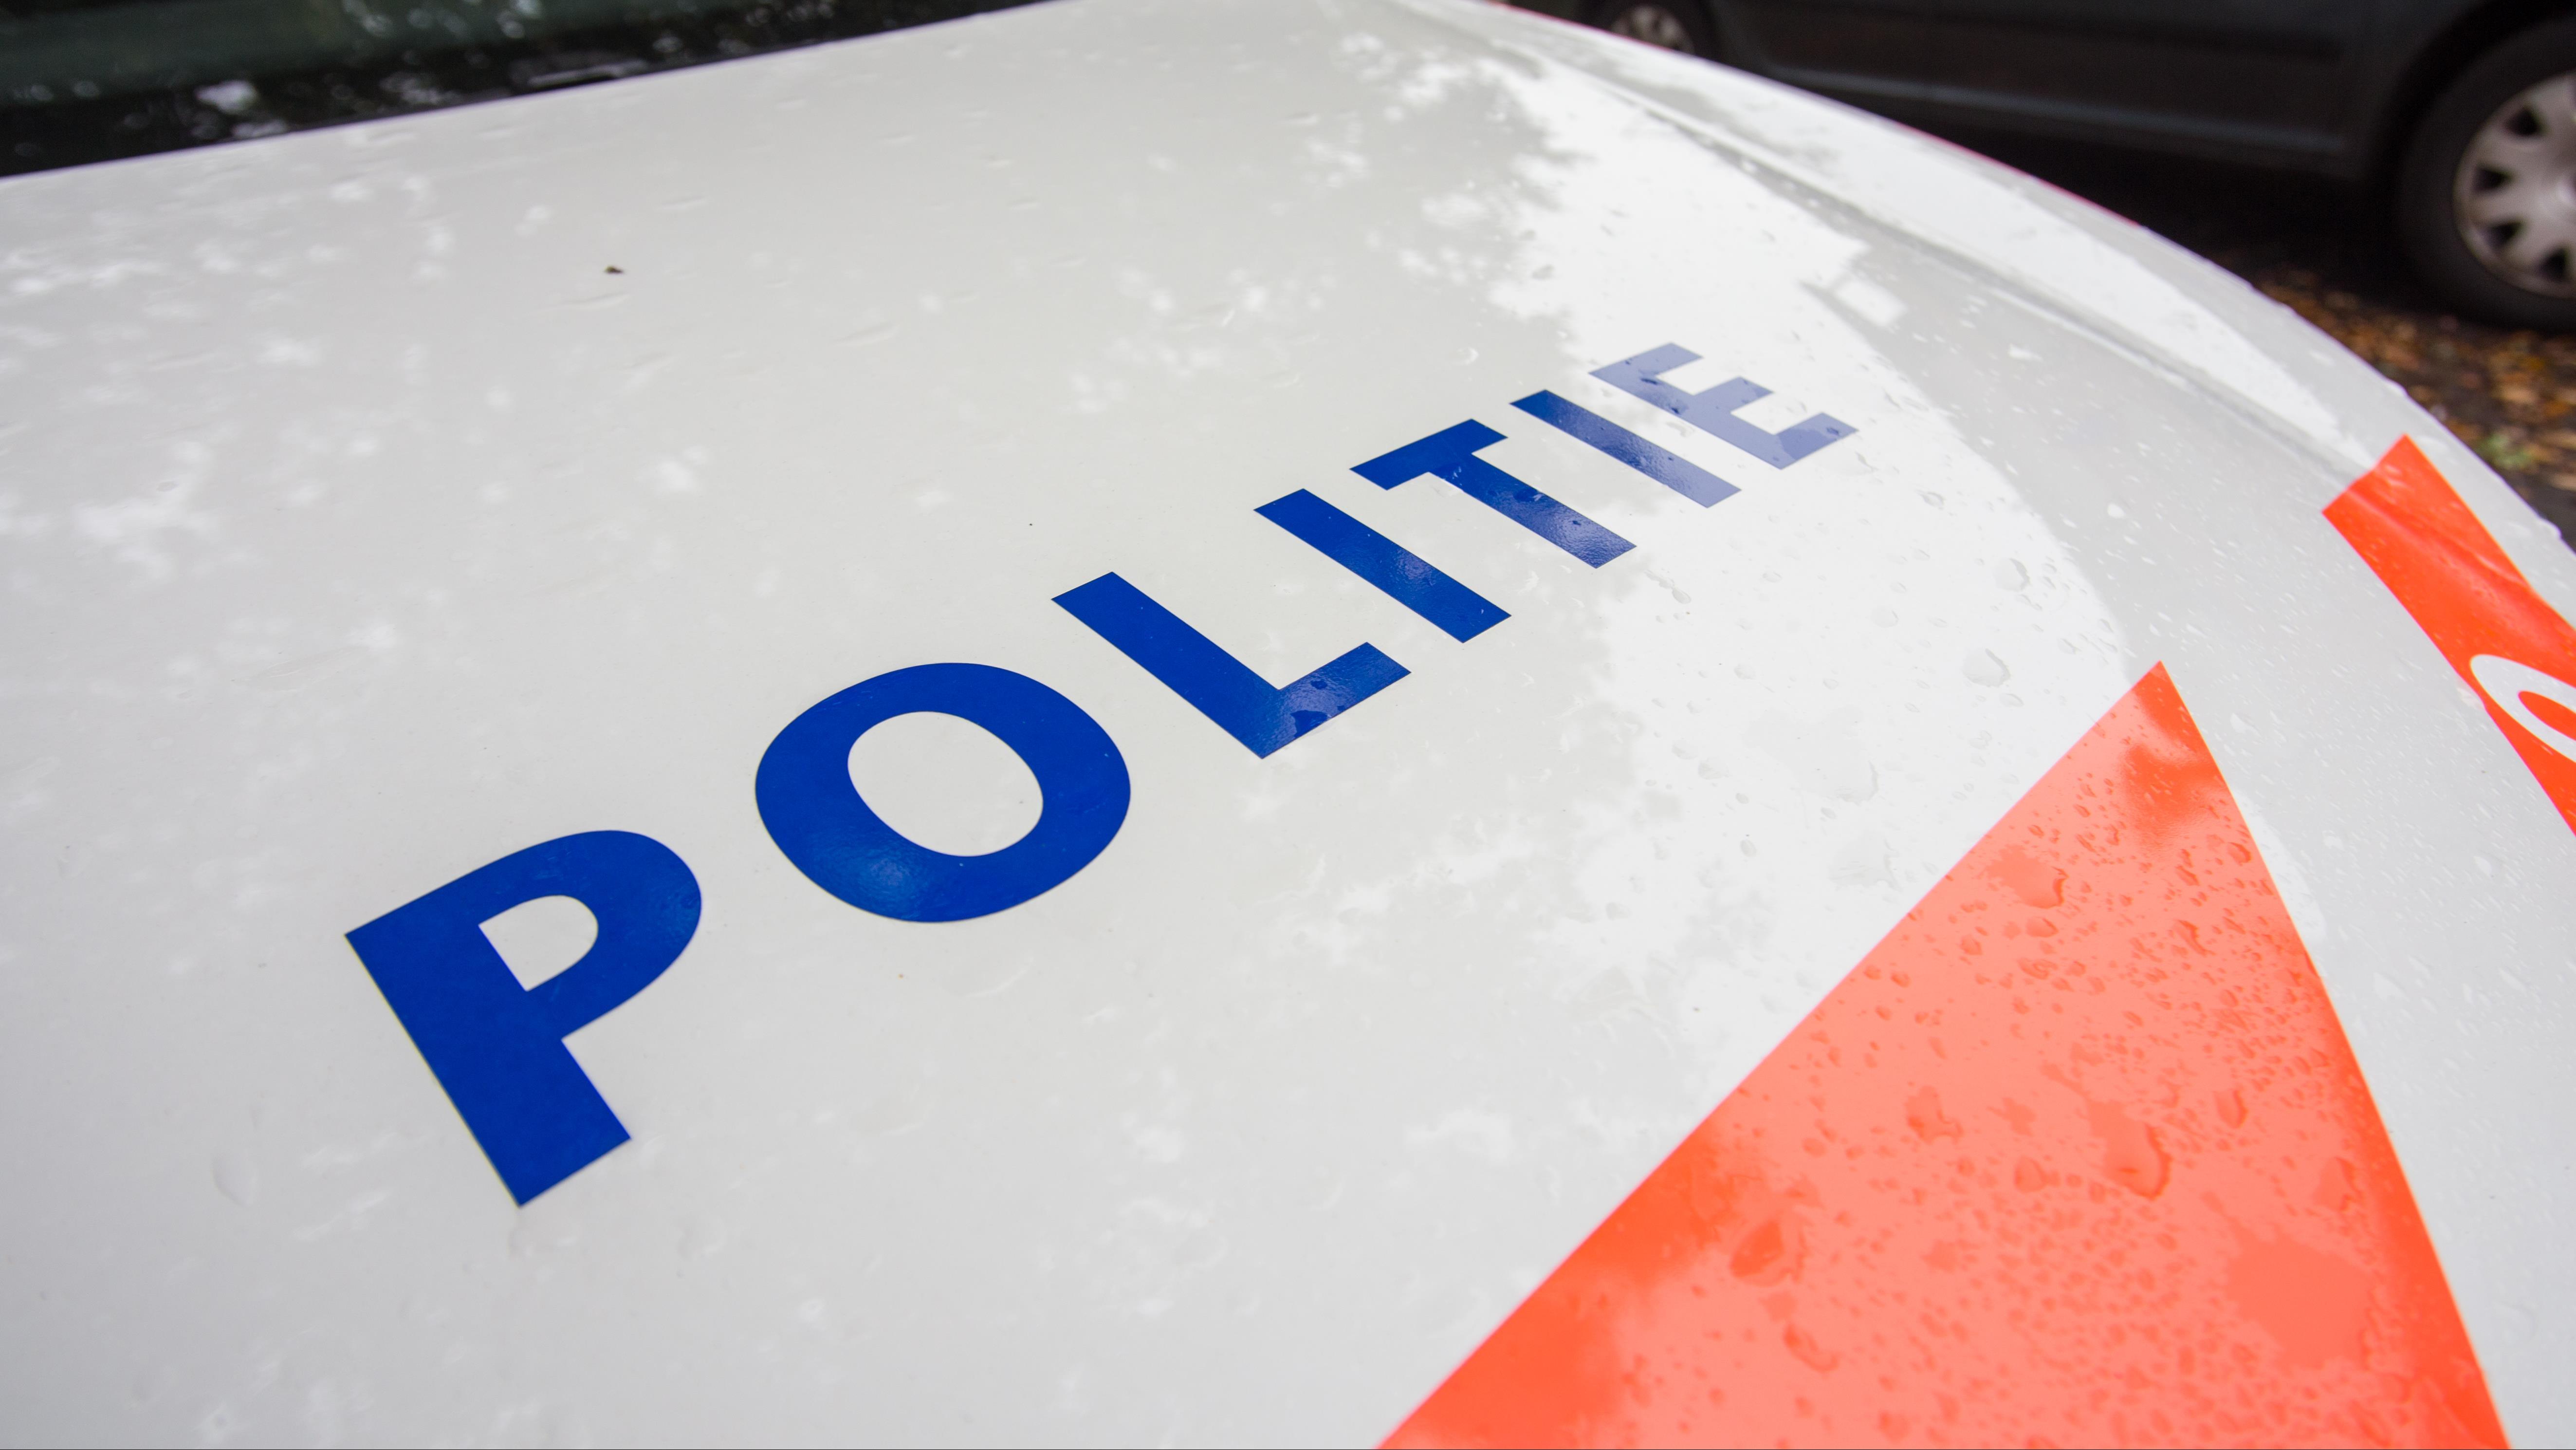 Politie Almelo: stop met delen filmpjes en foto's van dodelijk ongeluk